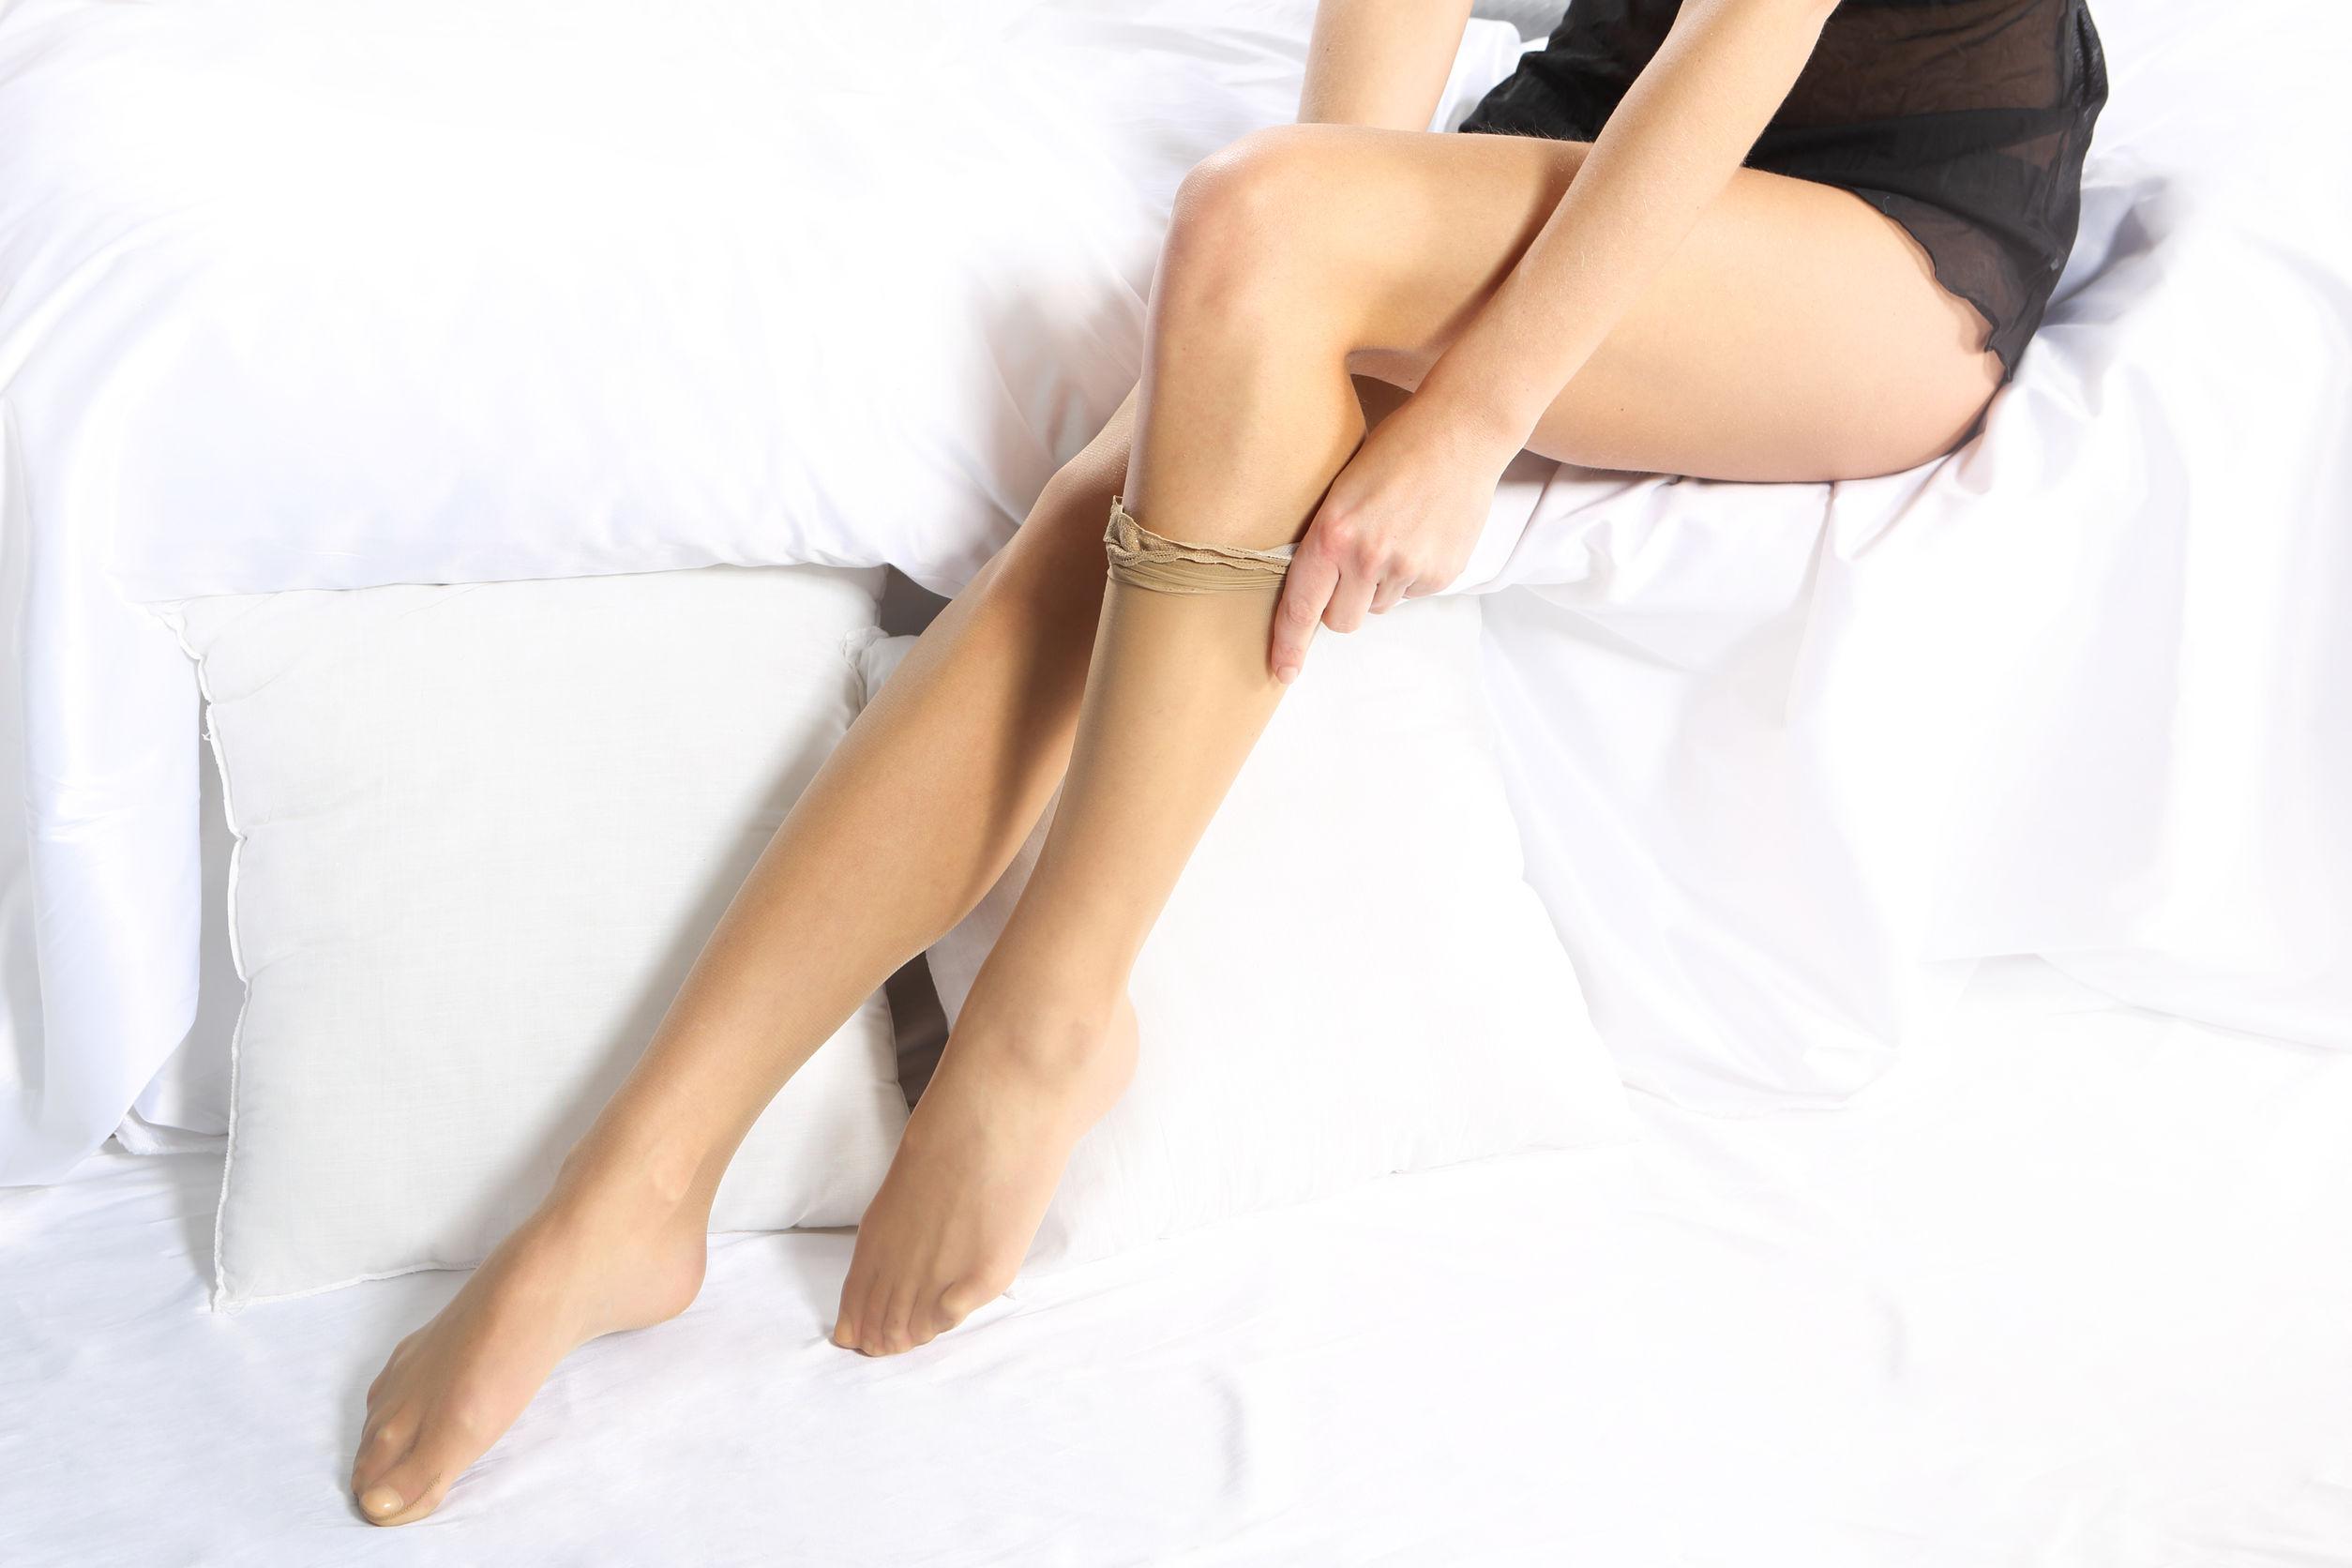 Imagem de uma mulher vestindo uma meia calça.